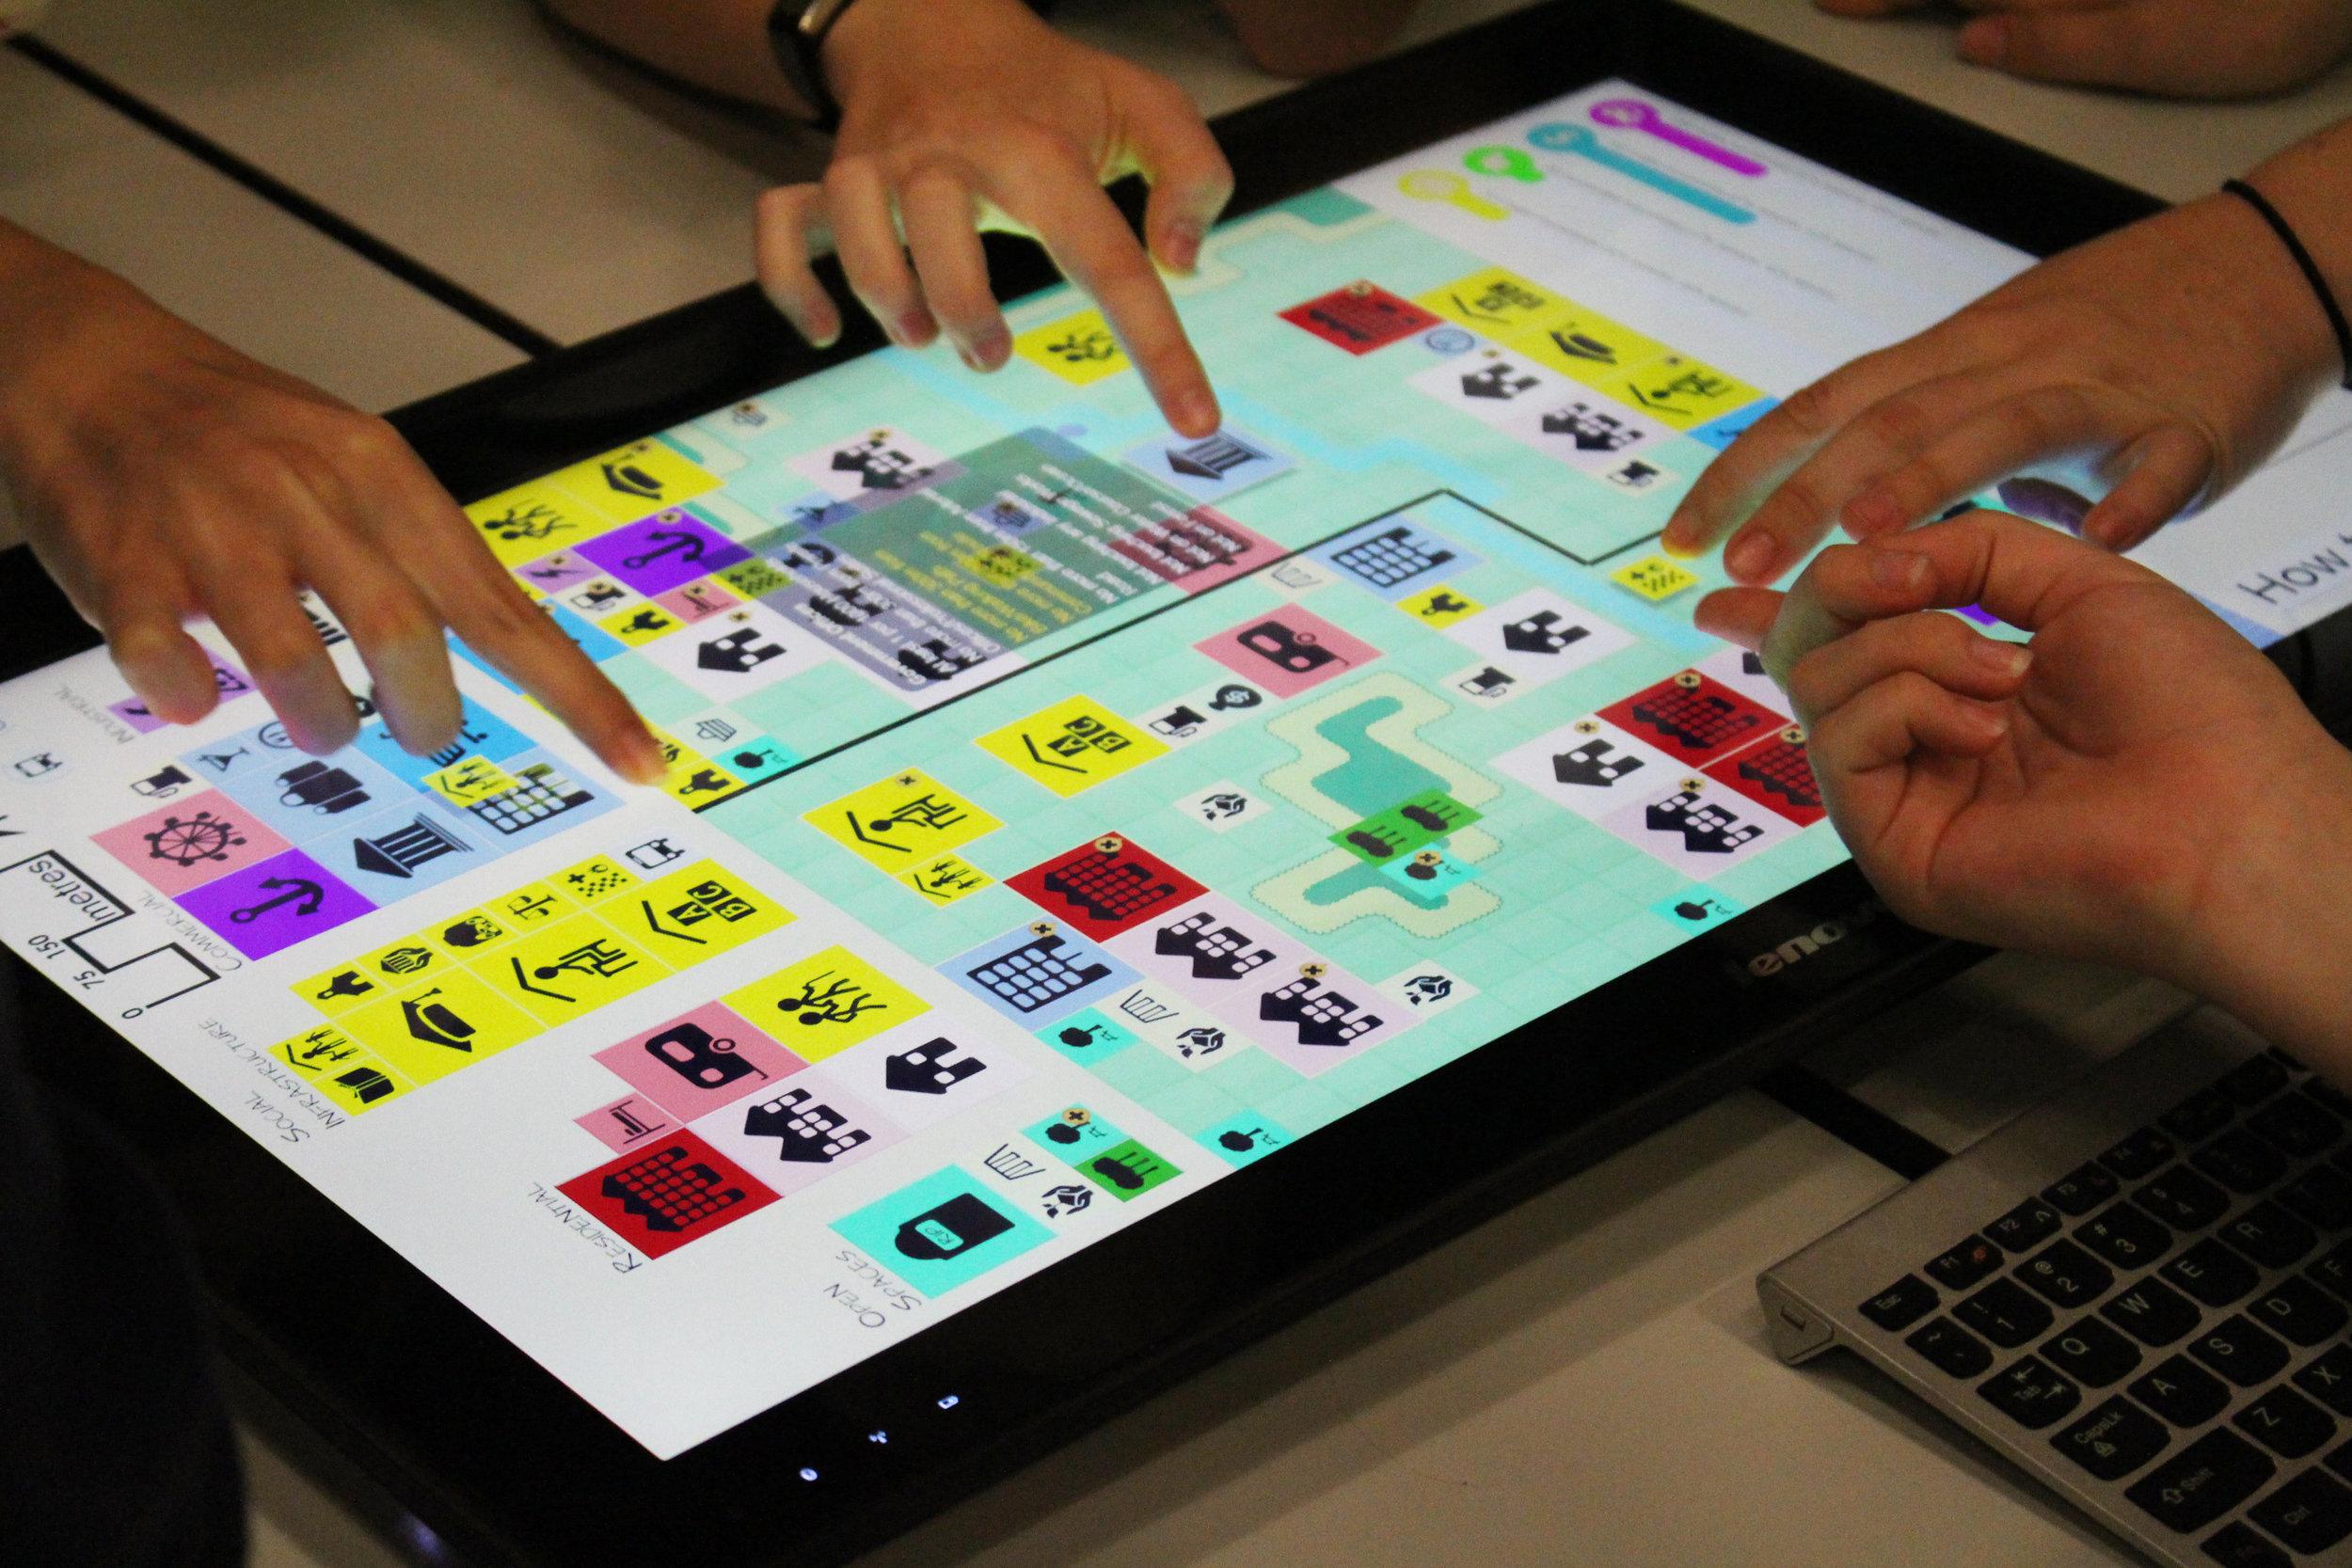 Mega_tablet.jpg